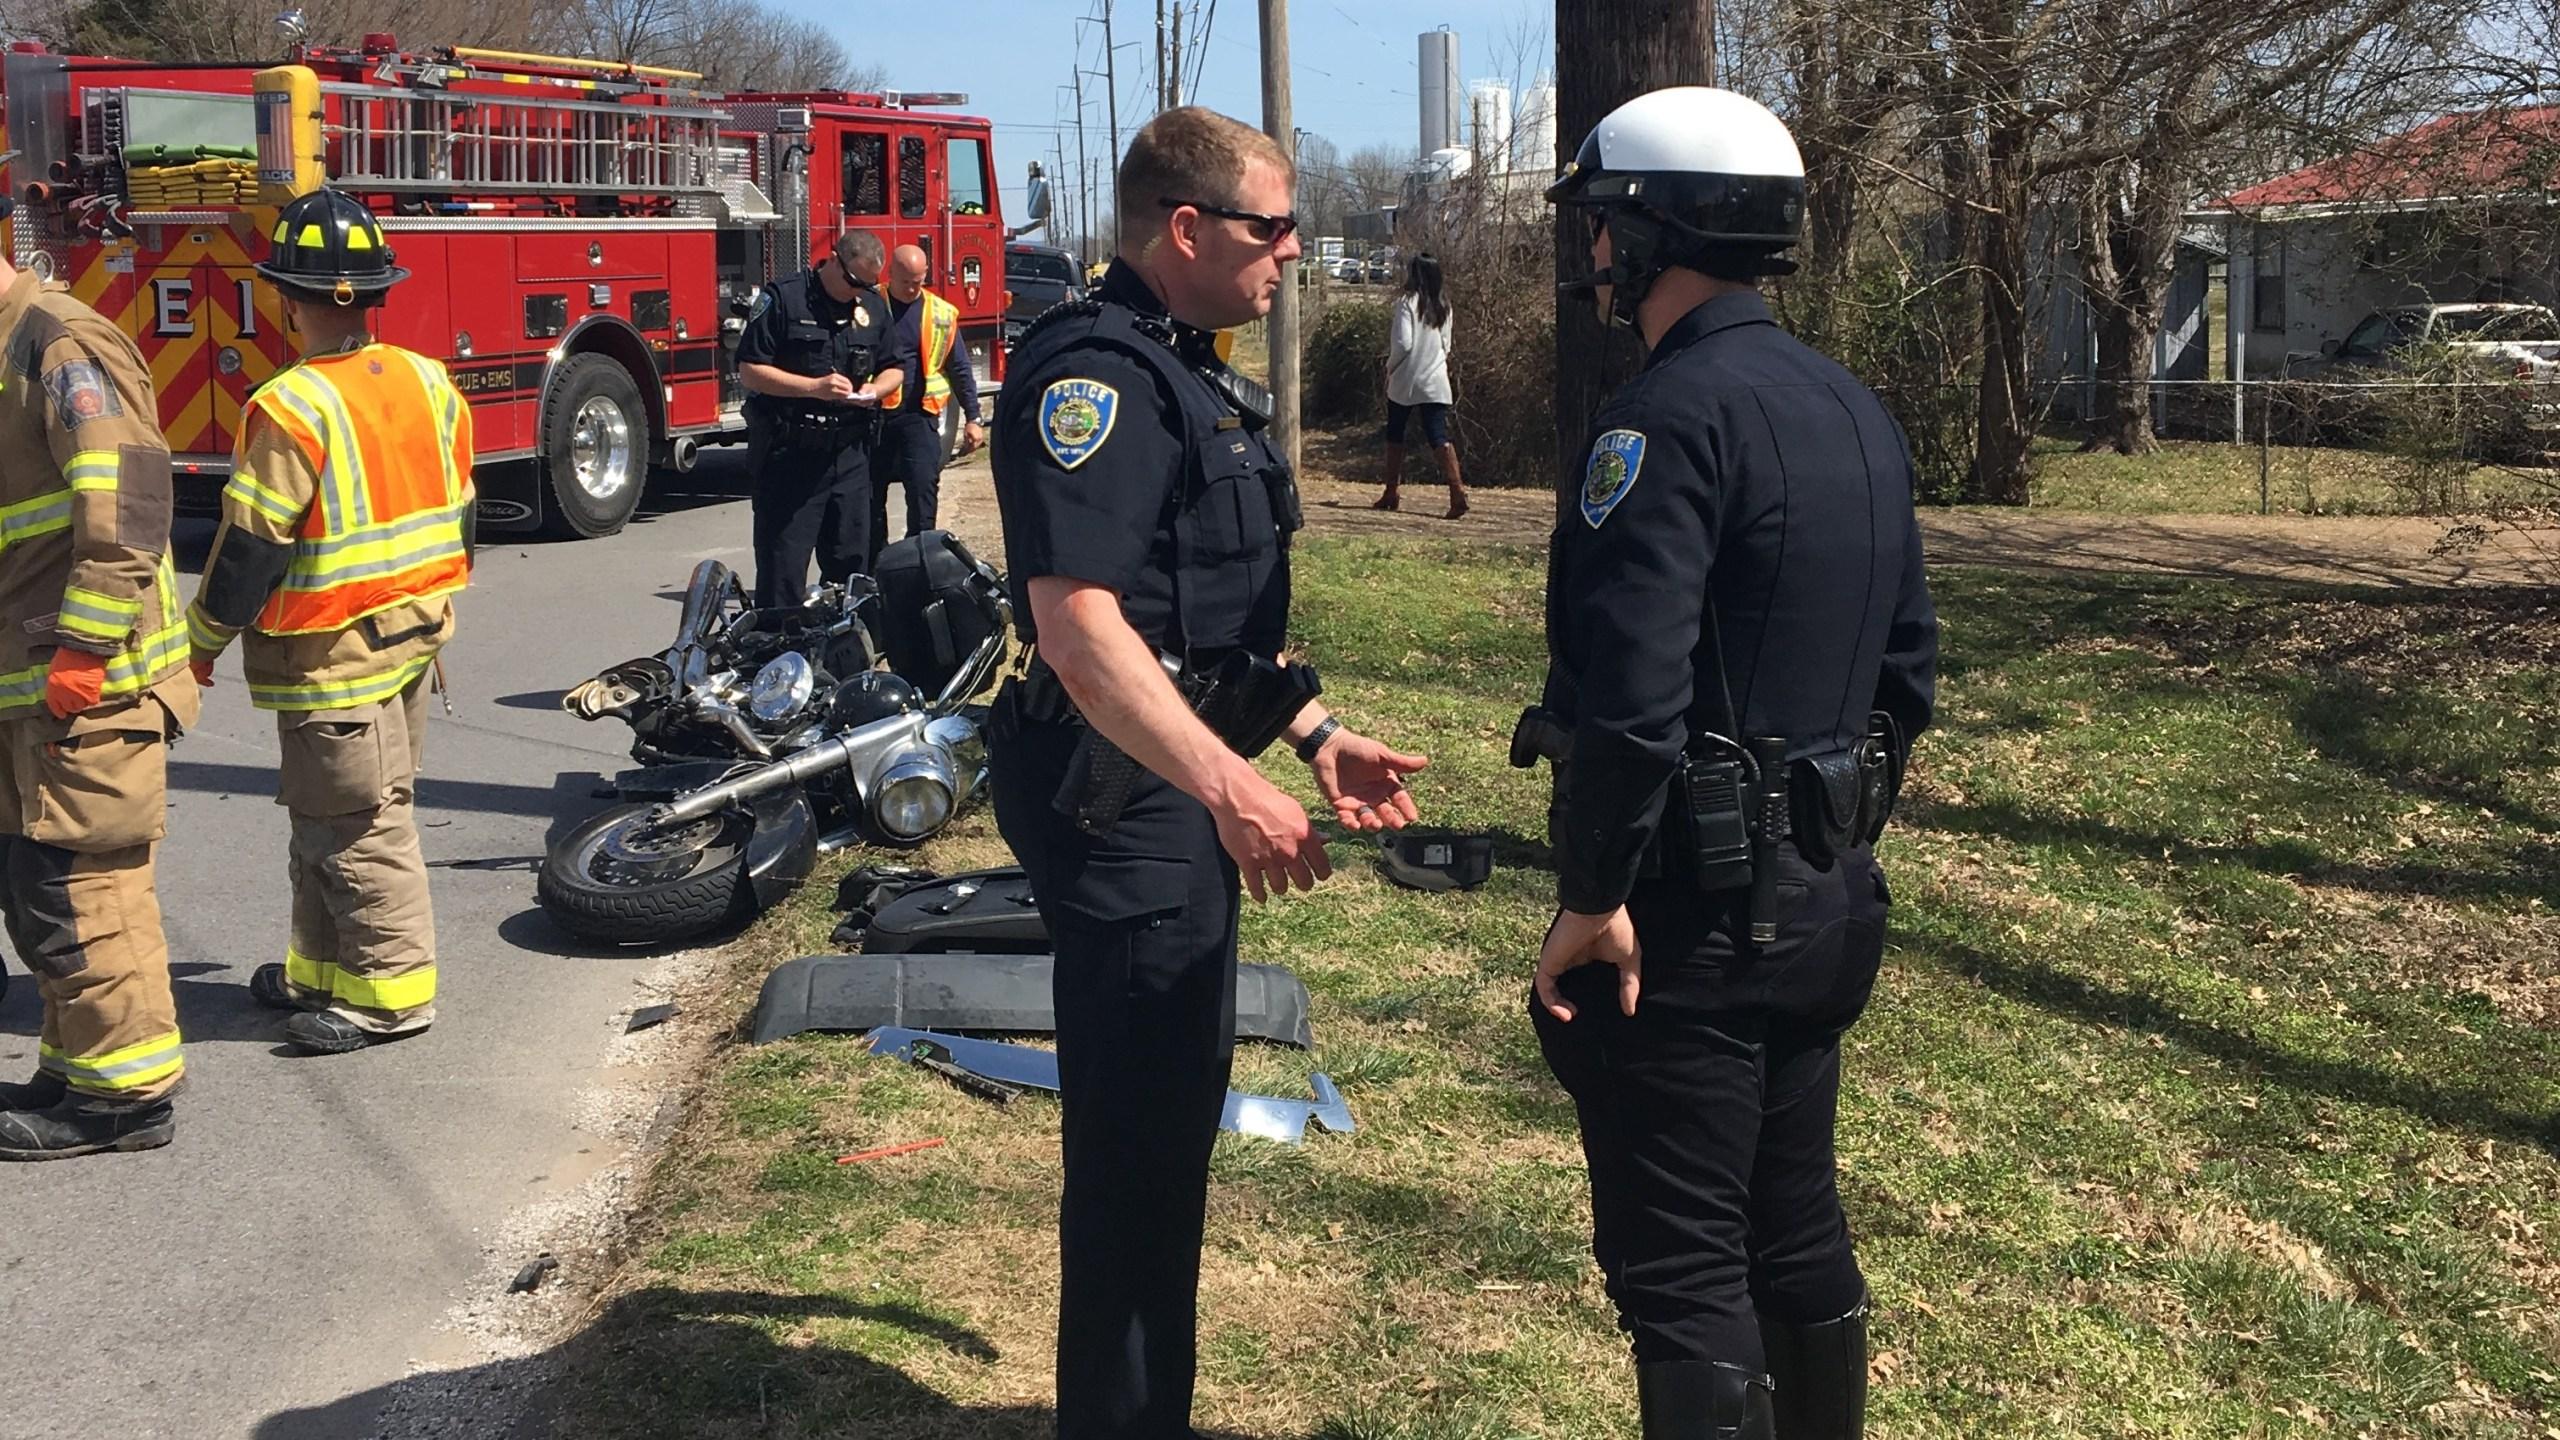 Motorcyclist Hit by Vehicle - 4_1553284147422.JPG.jpg